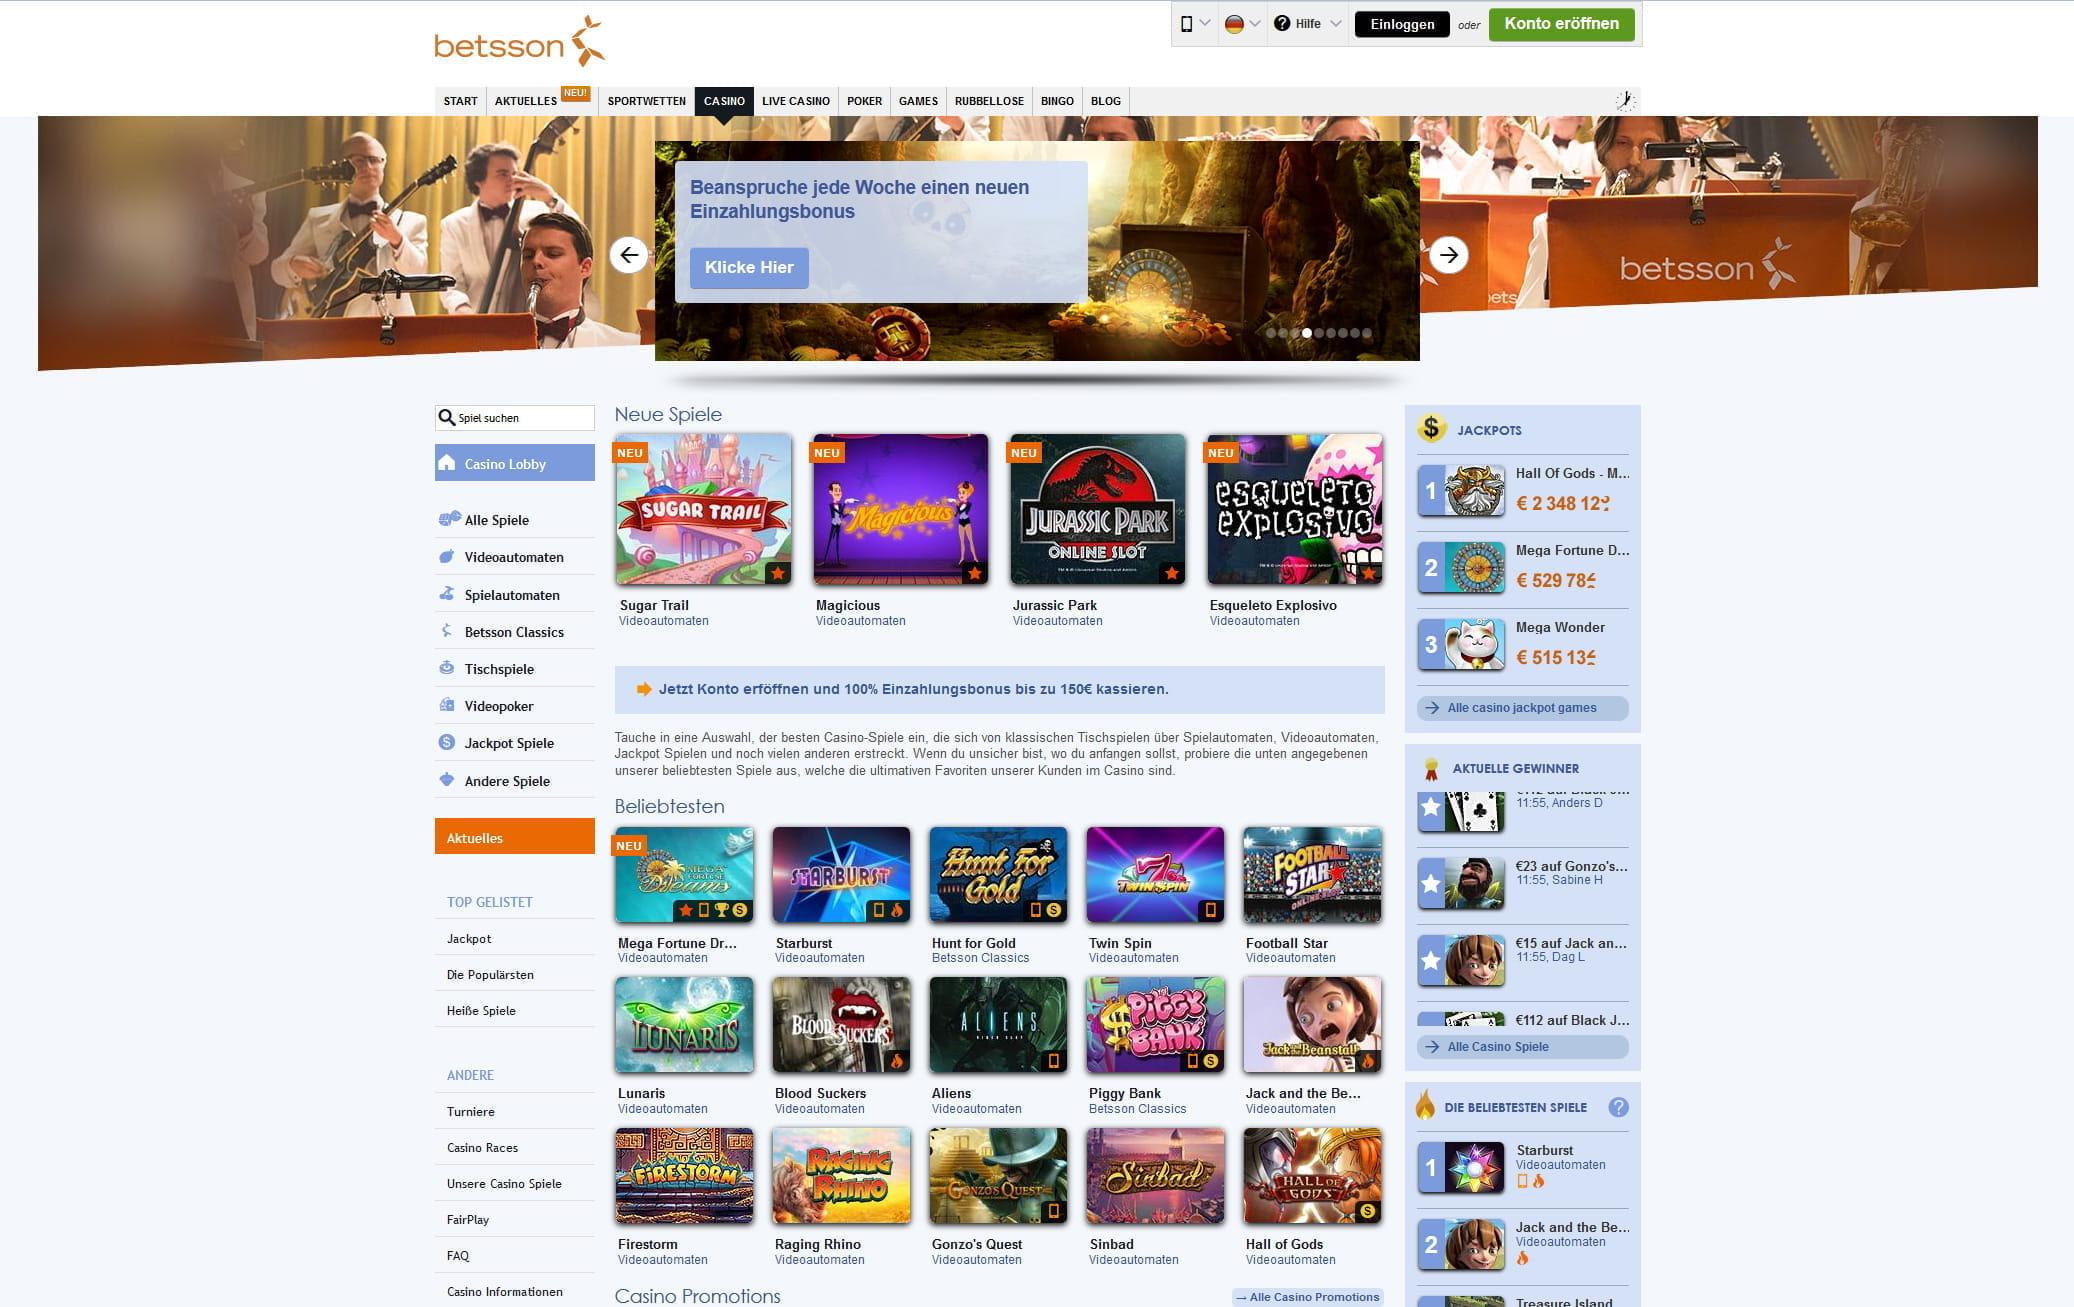 betsson casino online spiele